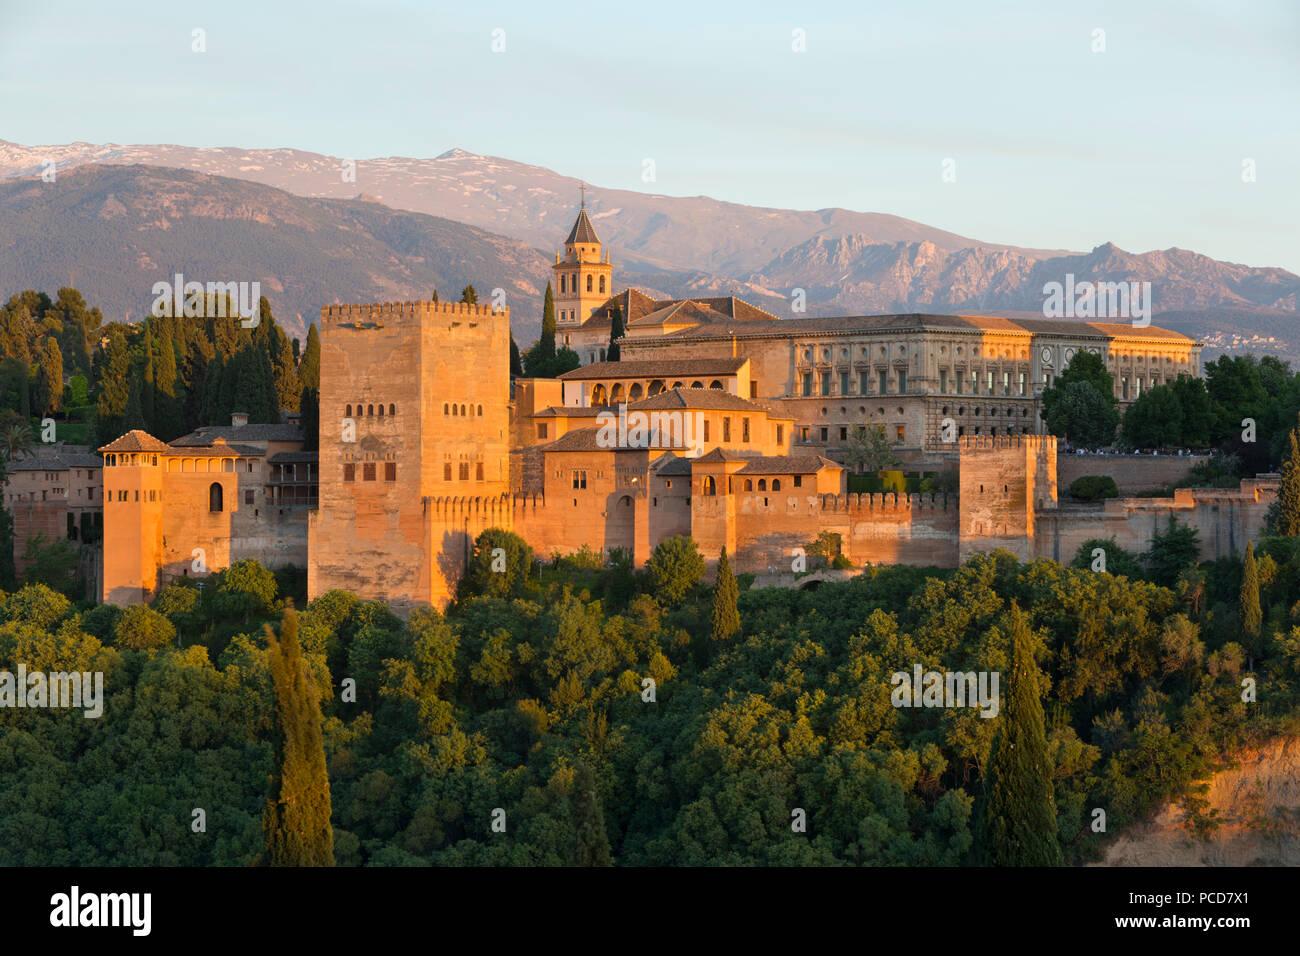 Die Alhambra, UNESCO-Weltkulturerbe, und Sierra Nevada Berge im Abendlicht von Mirador de San Nicolas, Granada, Andalusien, Spanien, Europa Stockbild